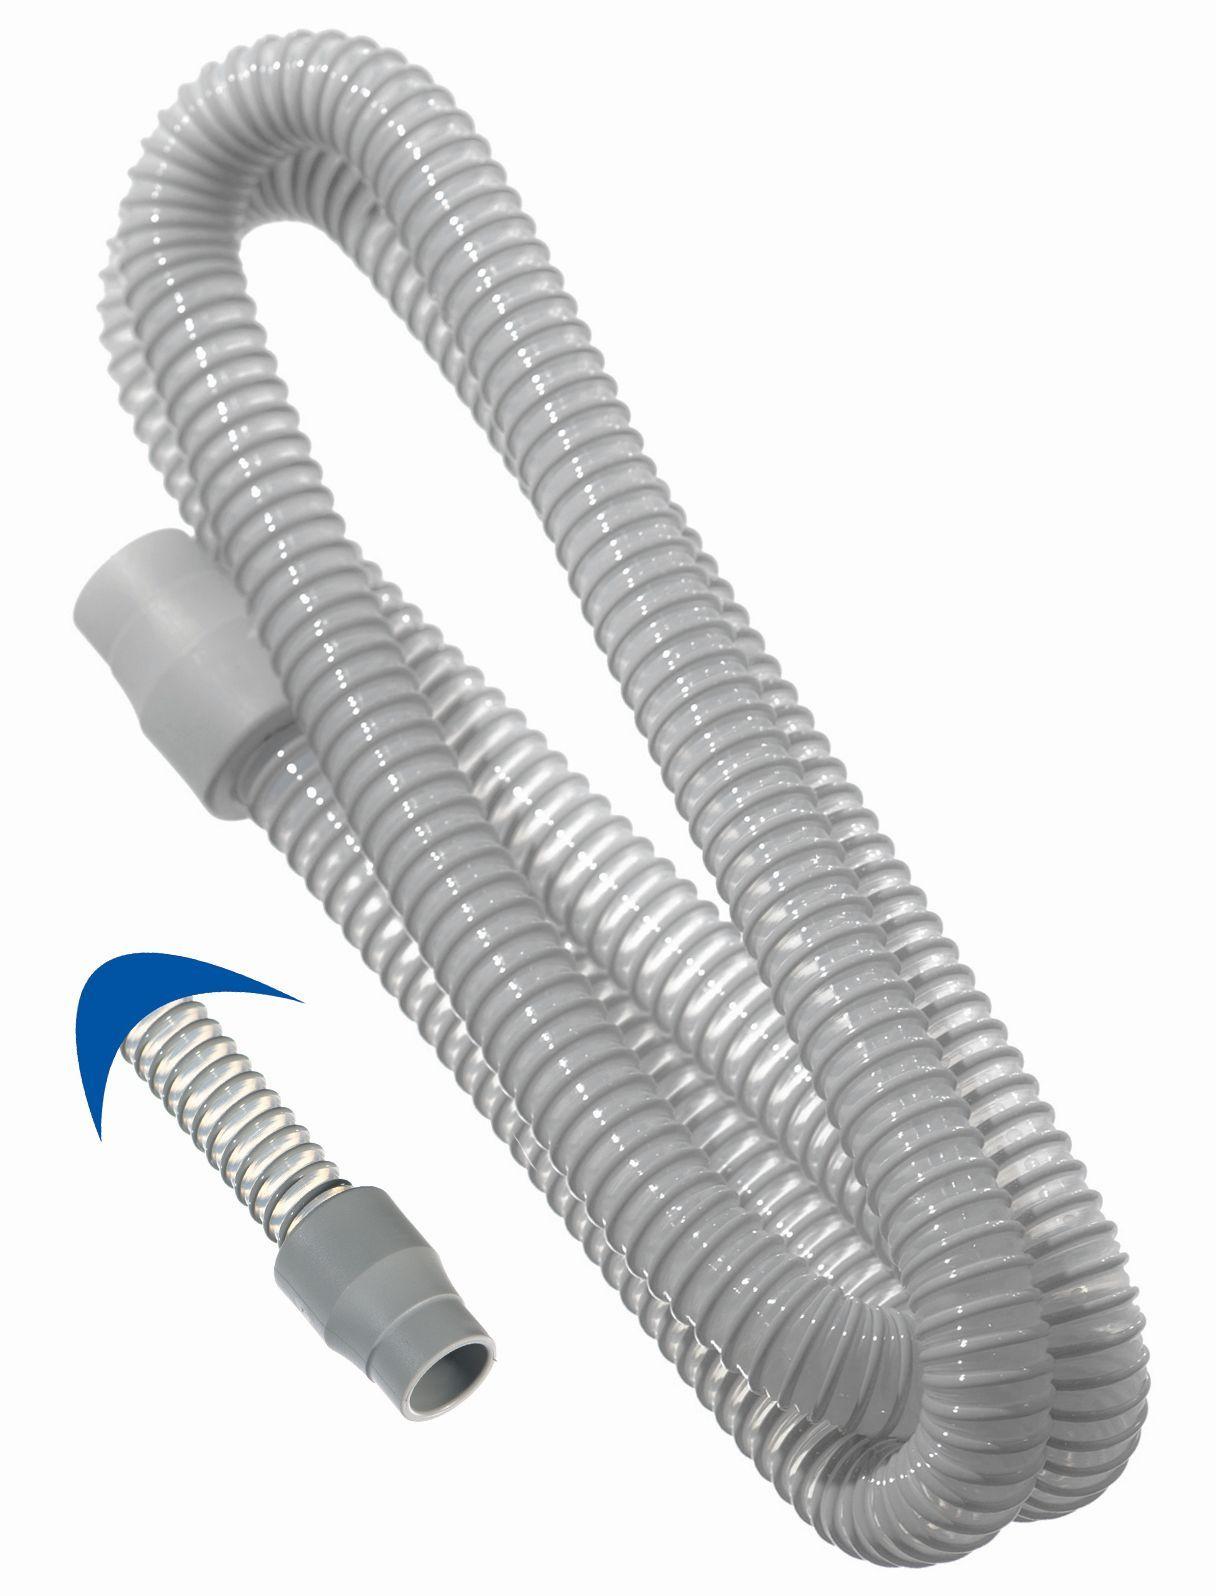 Universal 6 ft CPAP Tubing